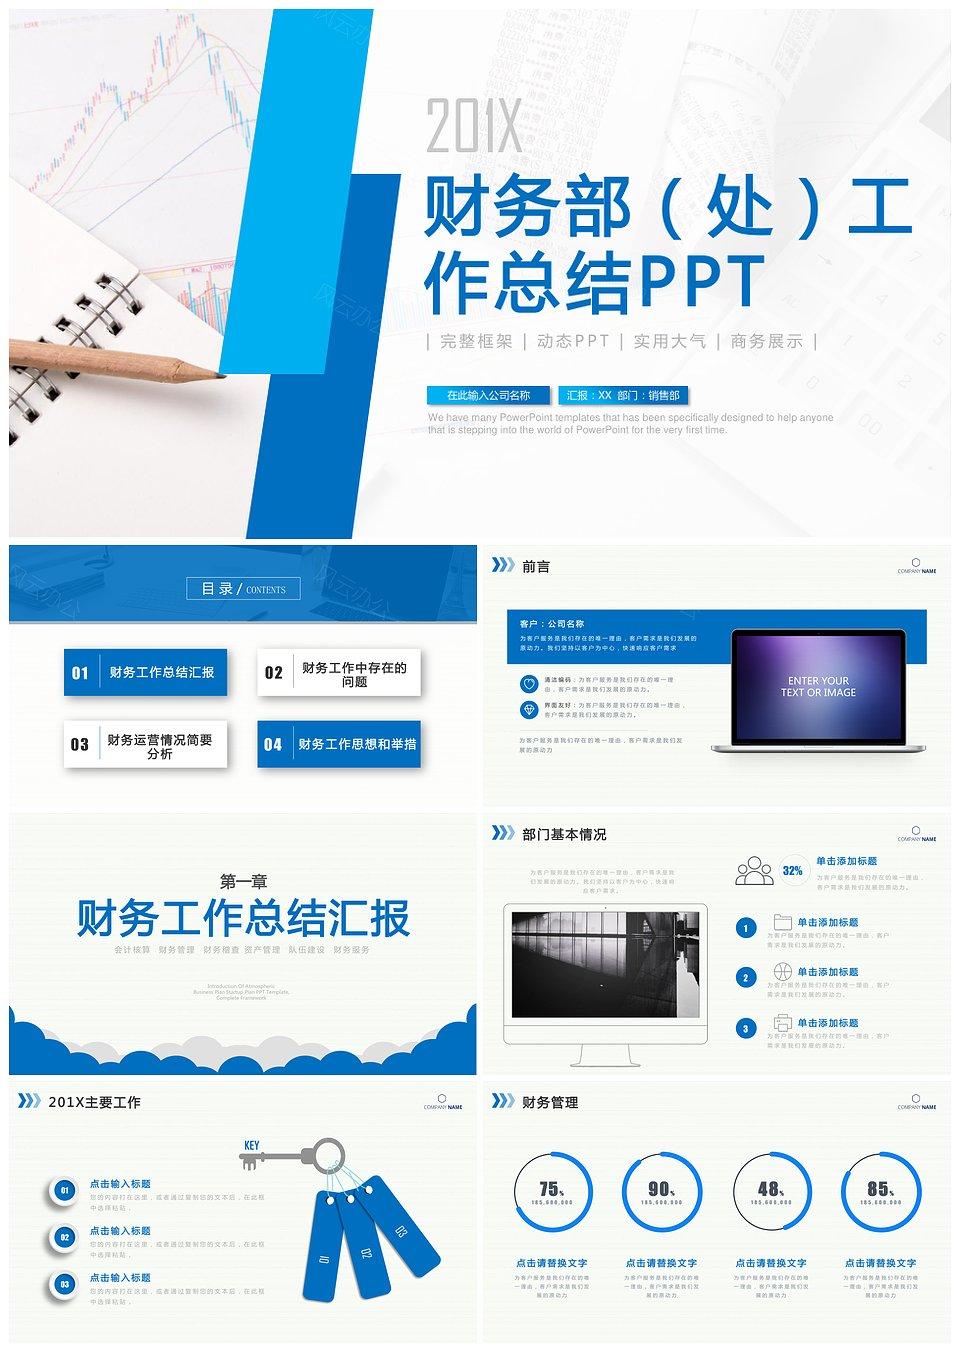 财务部工作总结ppt_2019财务部工作总结计划PPT模板 - 小白办公